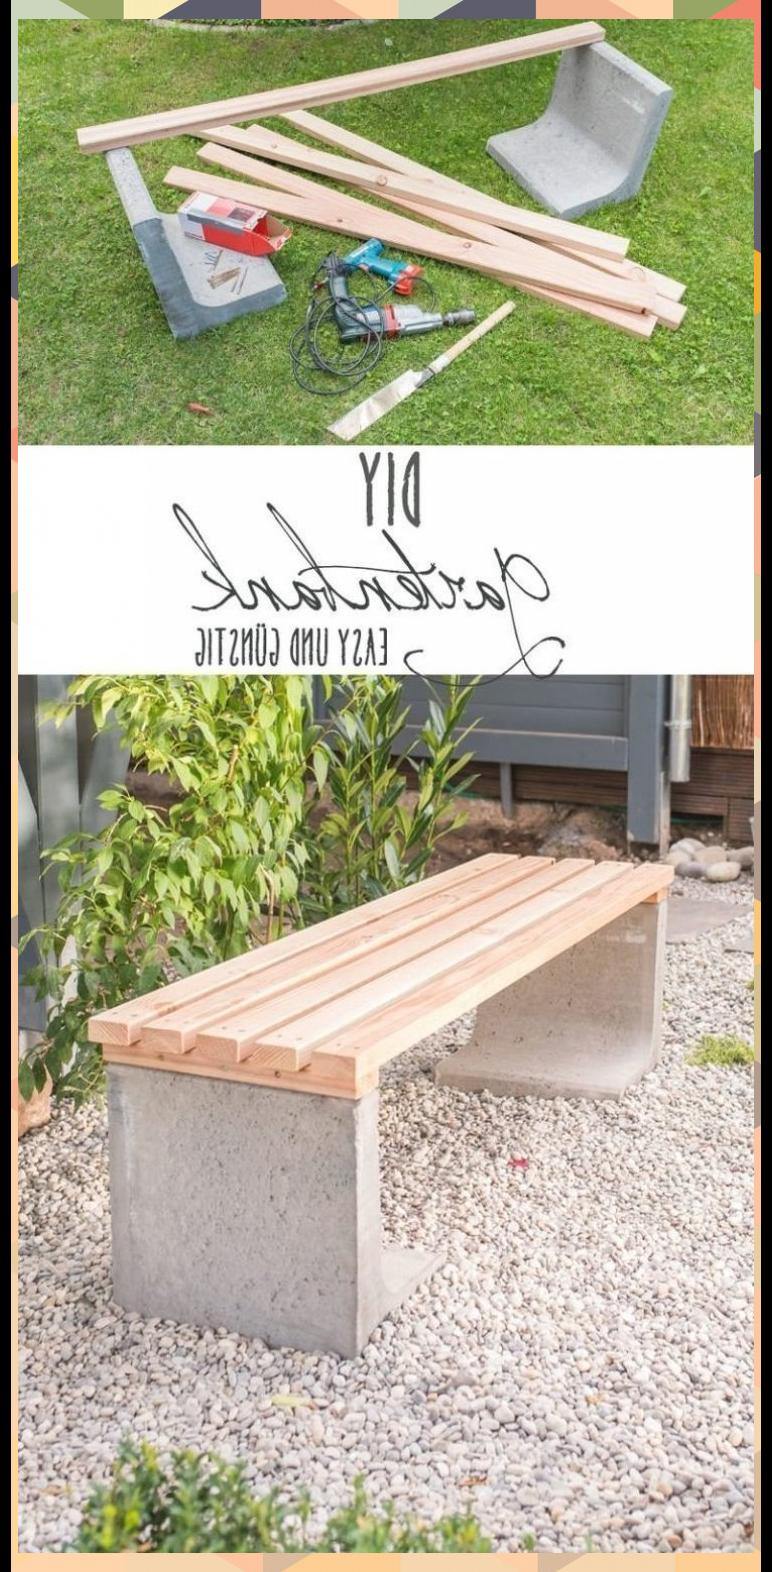 Diy Gartenbank Mit Beton Und Holz My Blog Diy Gartenbank